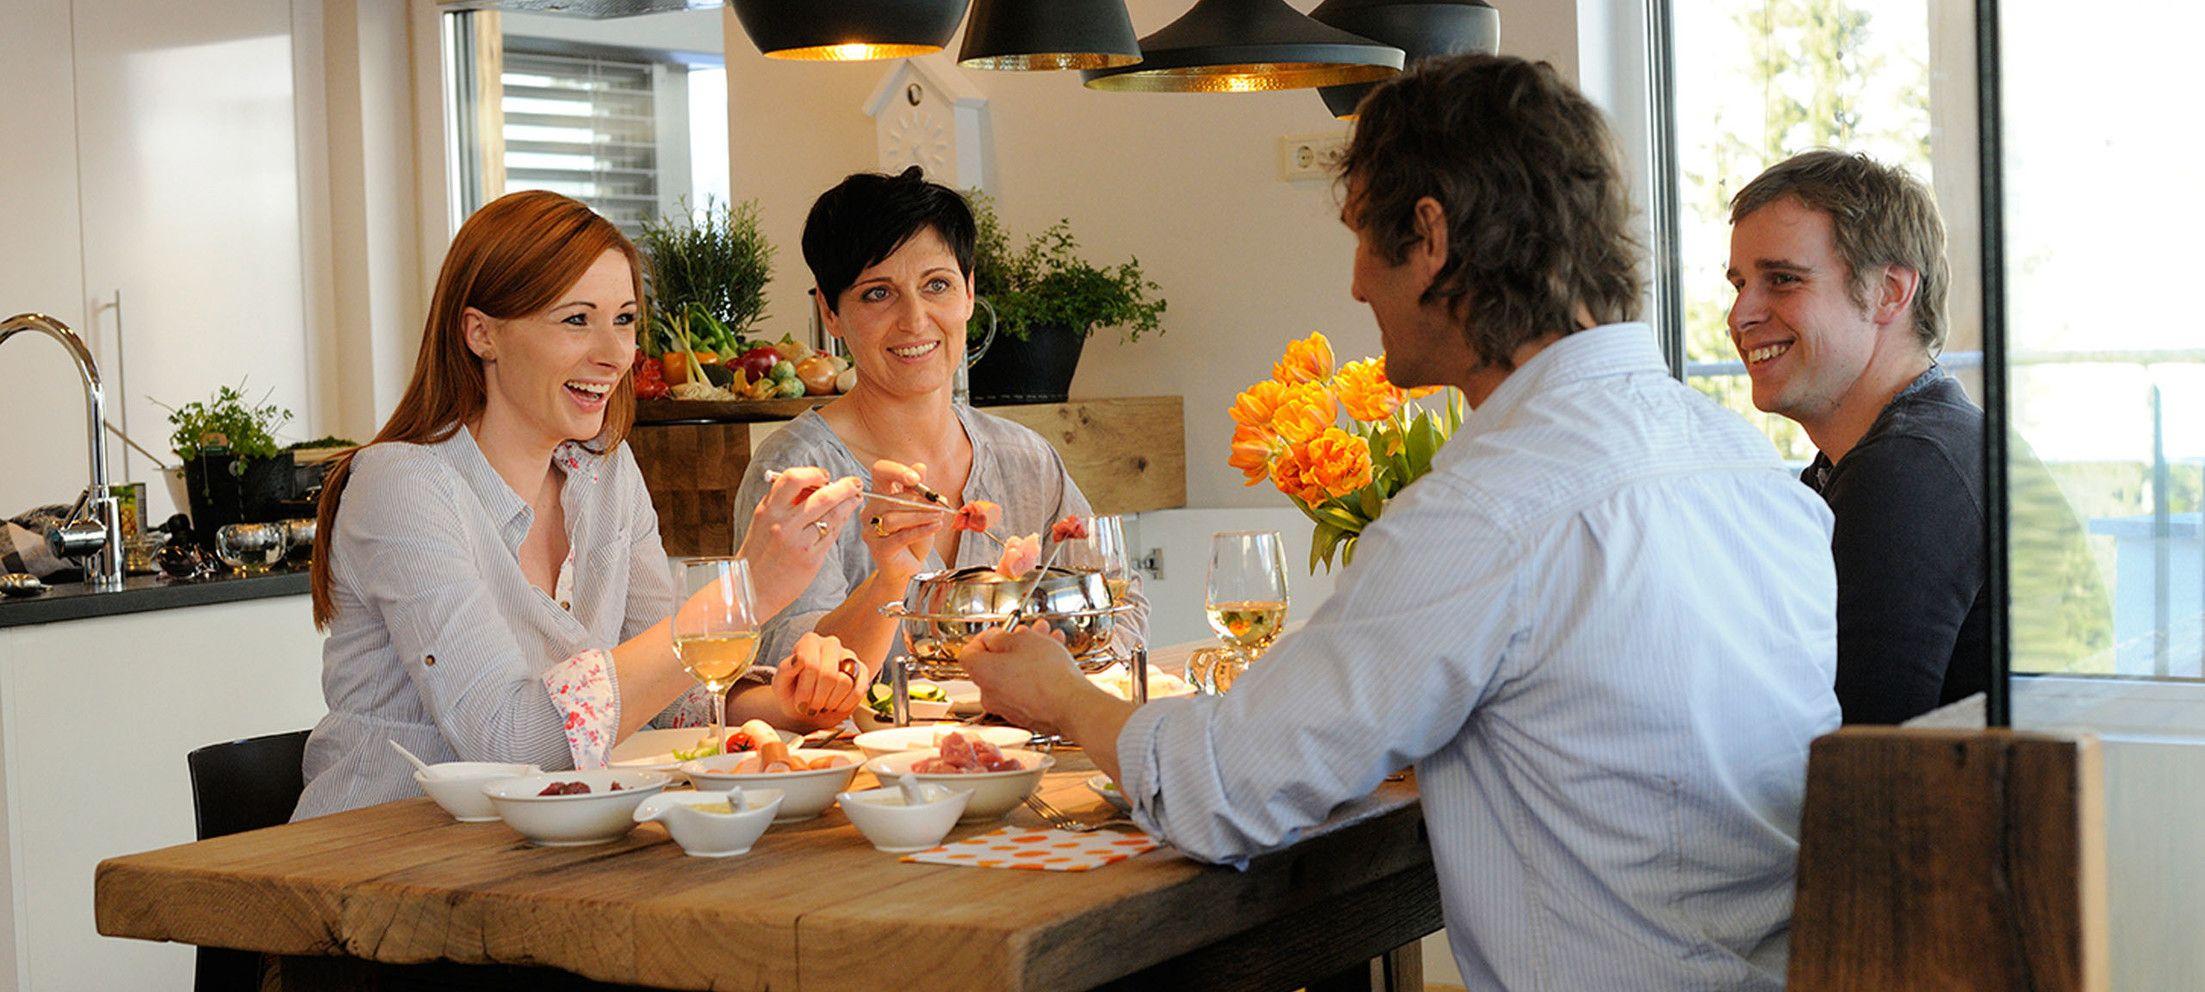 Vier Freunde essen Fondue in Luxuslodge